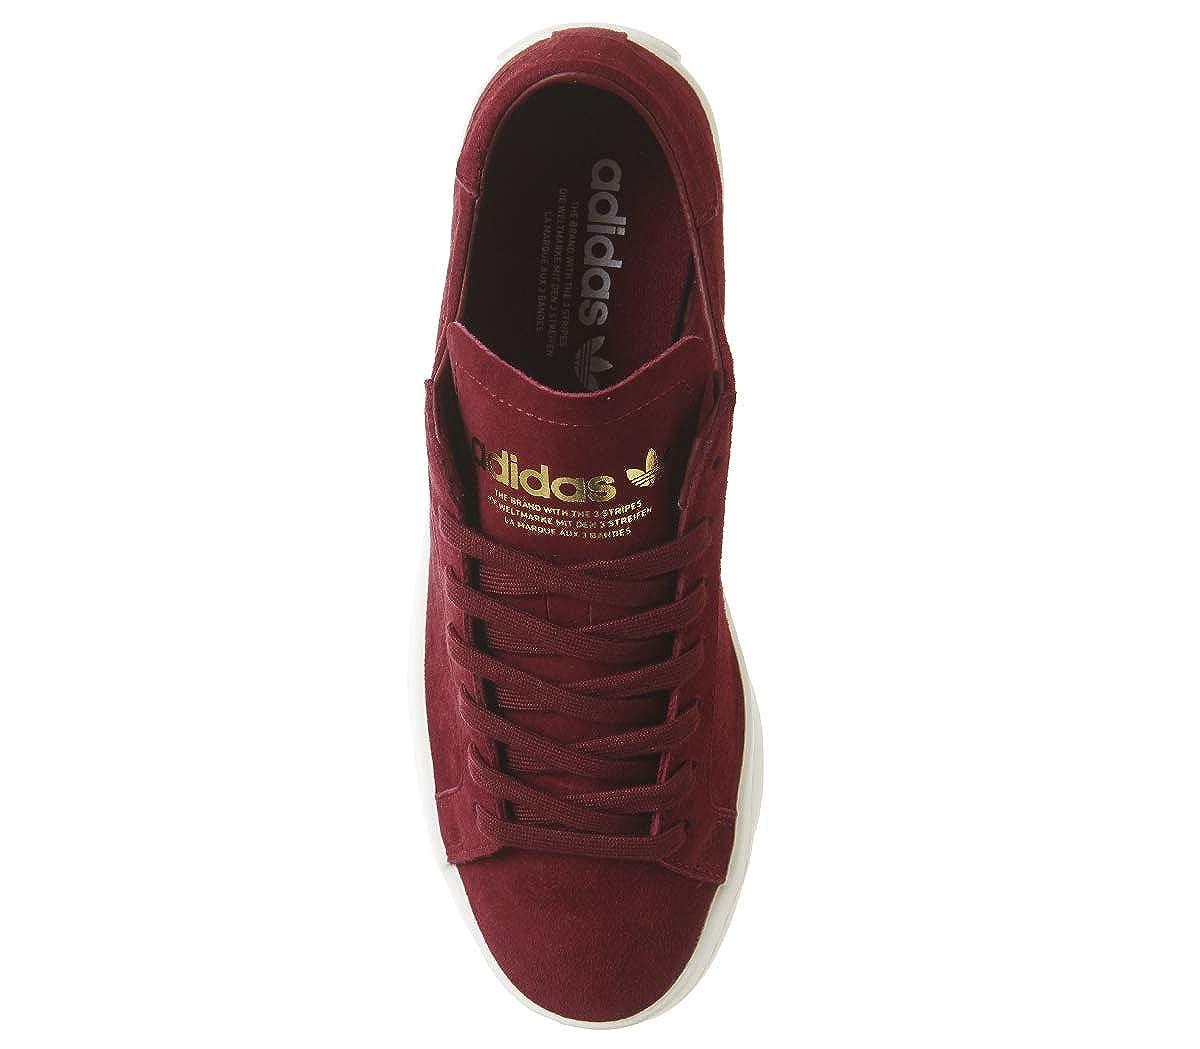 les hommes / femmes est adidas & & & eacute; est courtvantage baskets modérée des prix moins chers de première qualité 8684aa